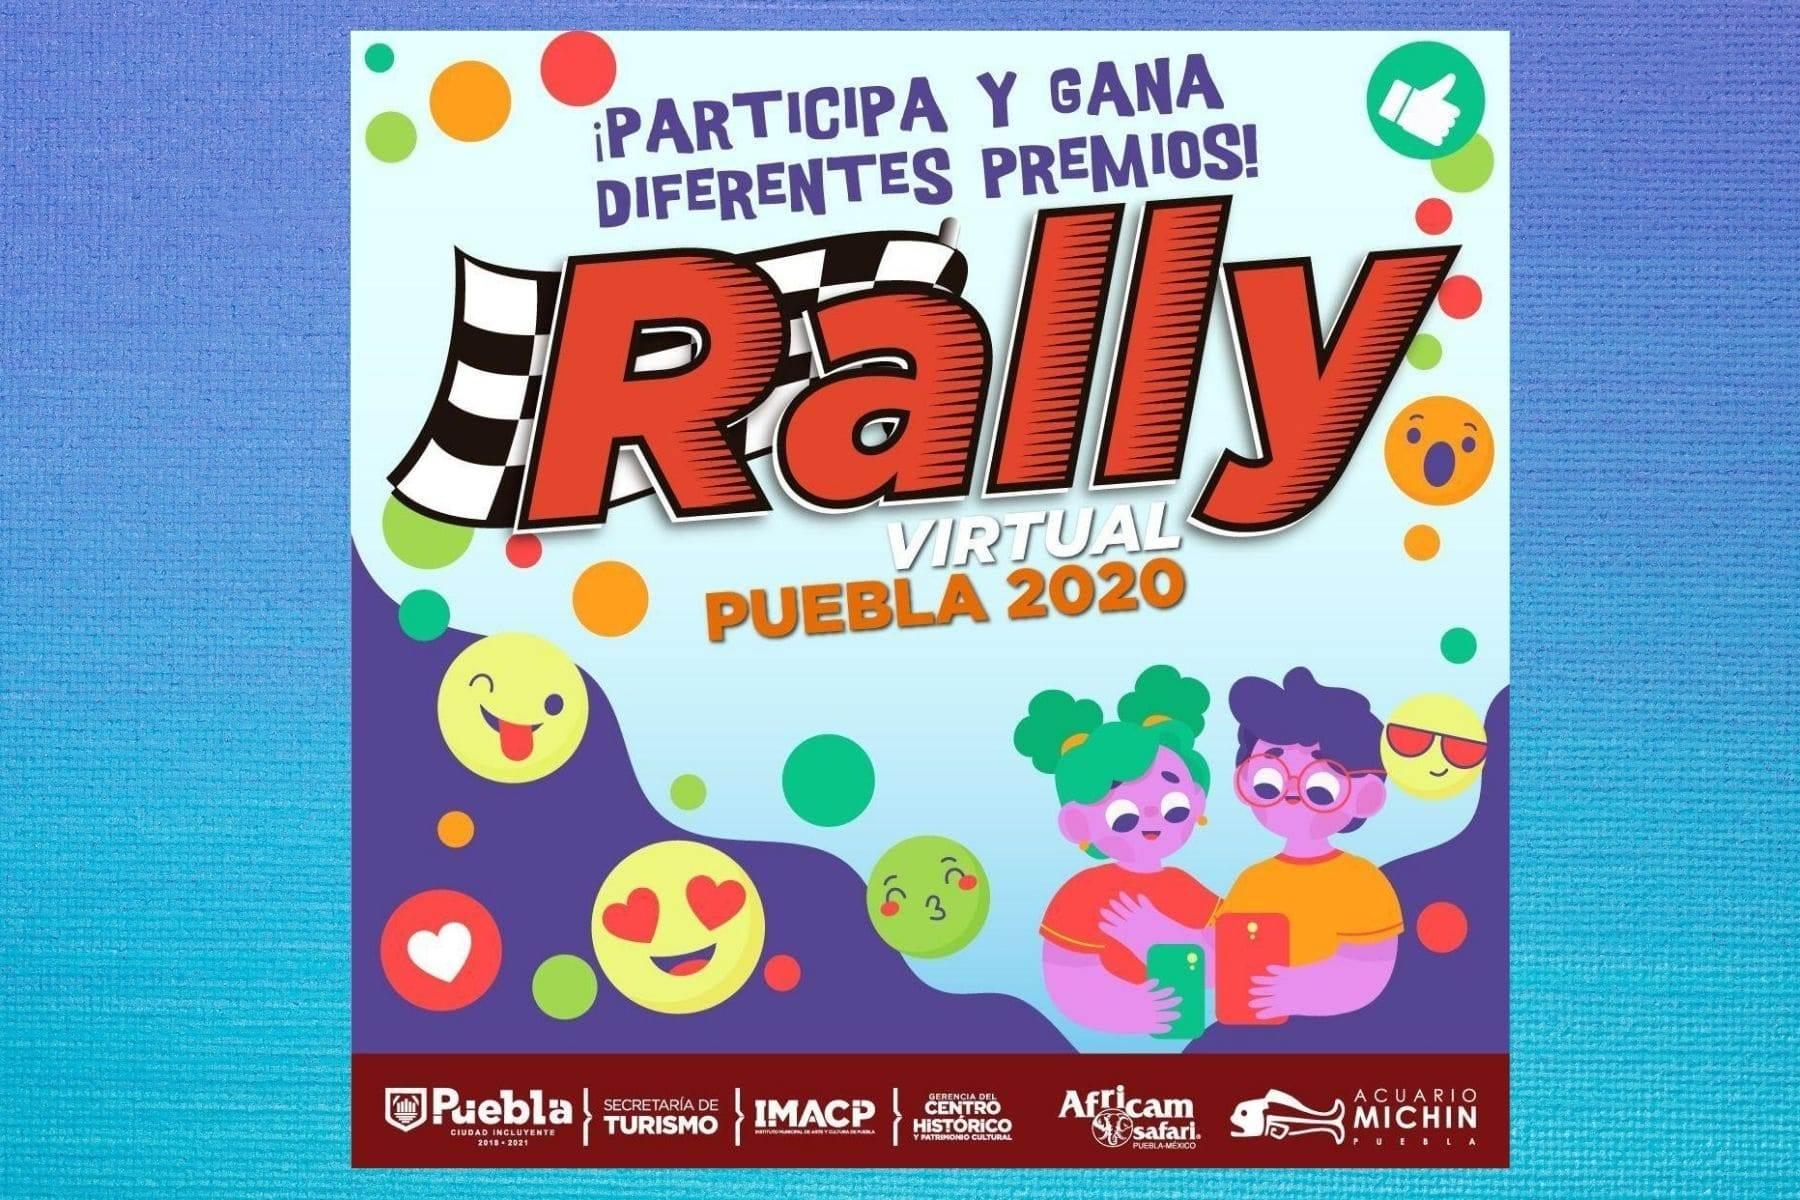 Niñas y niños podrán aprender de historia, cultura e historia con este rally